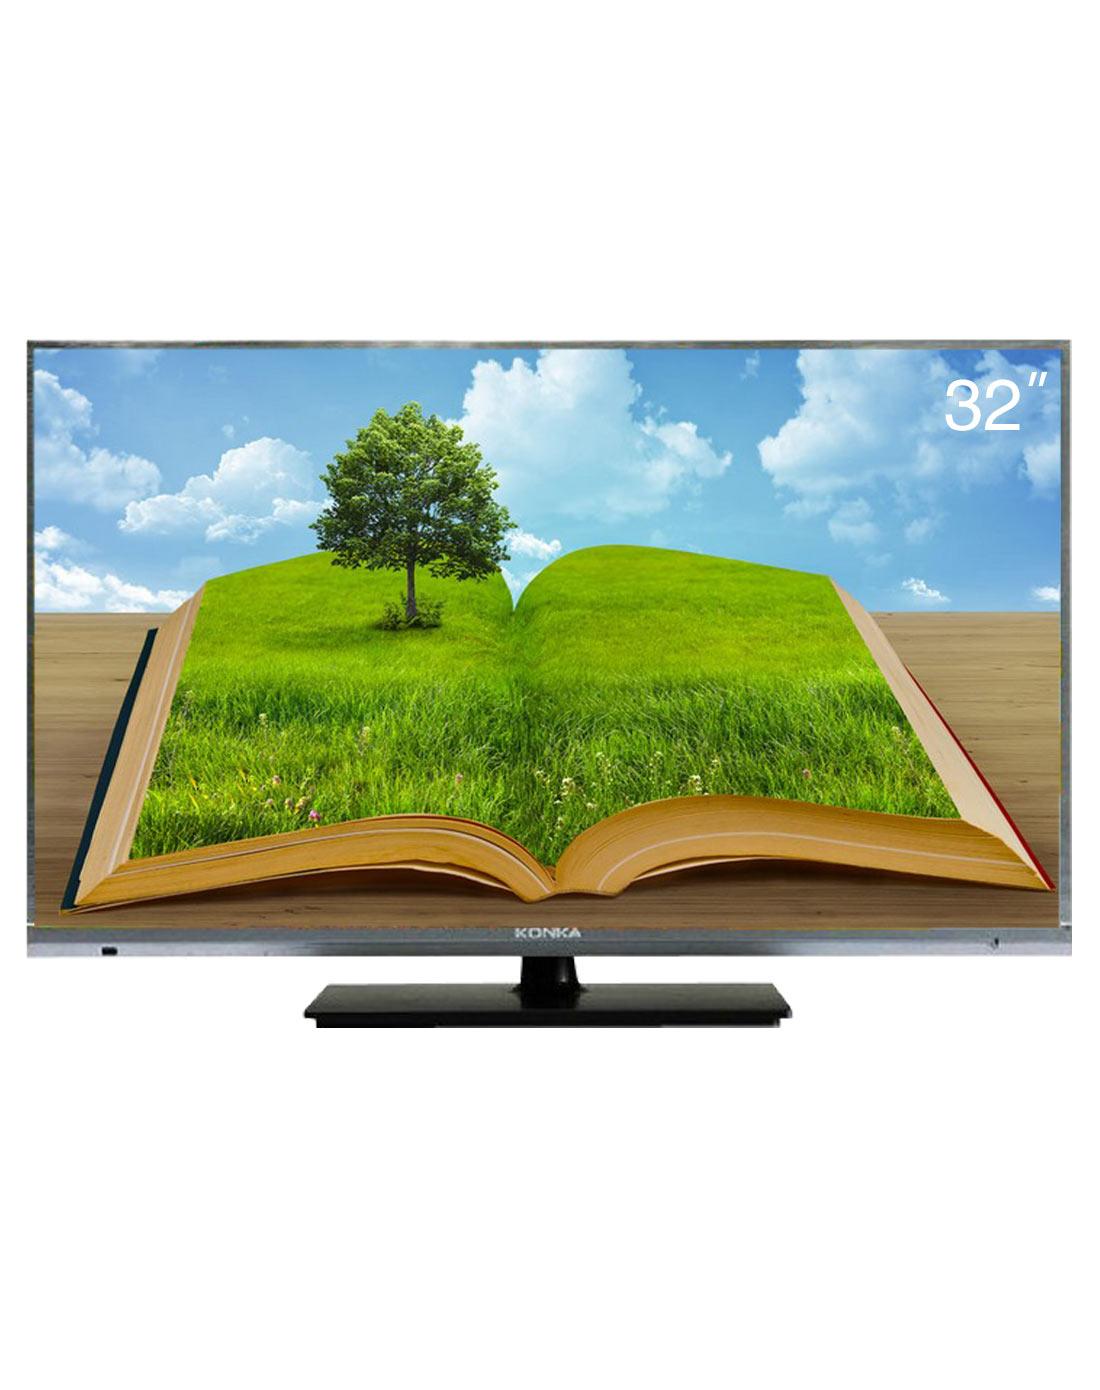 超窄边框智能高清led蓝光液晶电视机(银灰色)